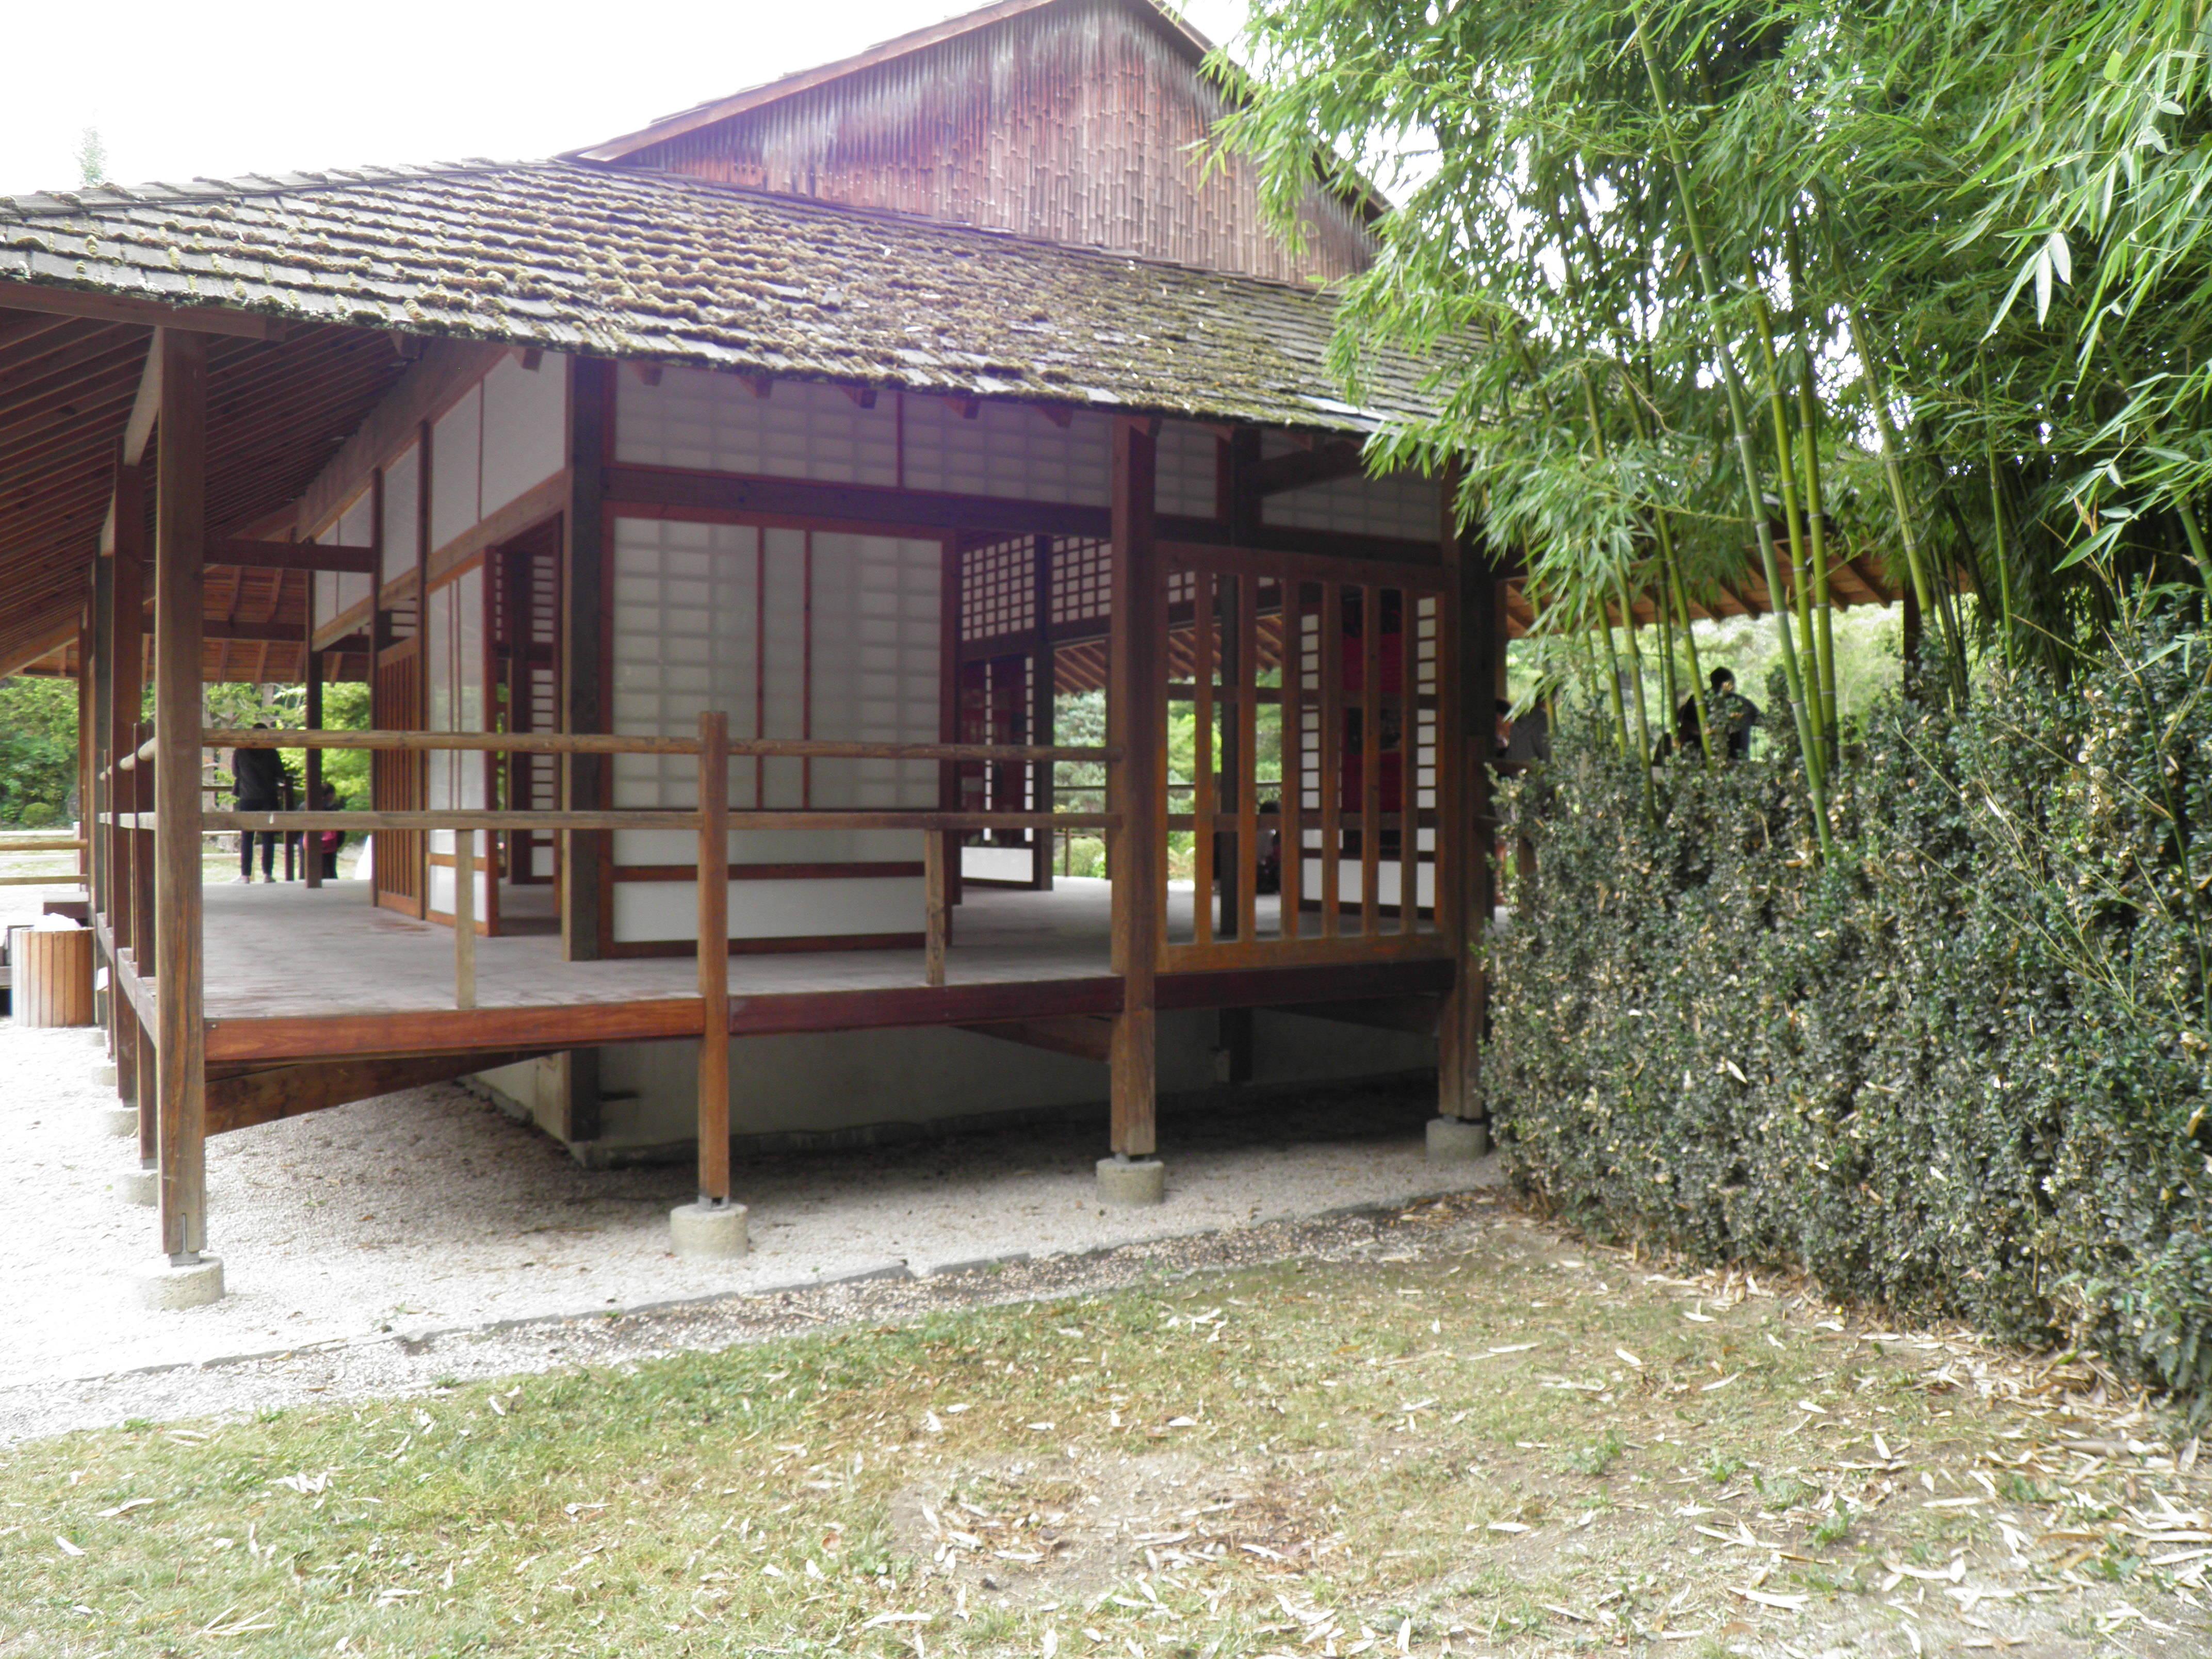 Salon De Jardin Original file:jardin japonais - salon de thé (toulouse) (2)